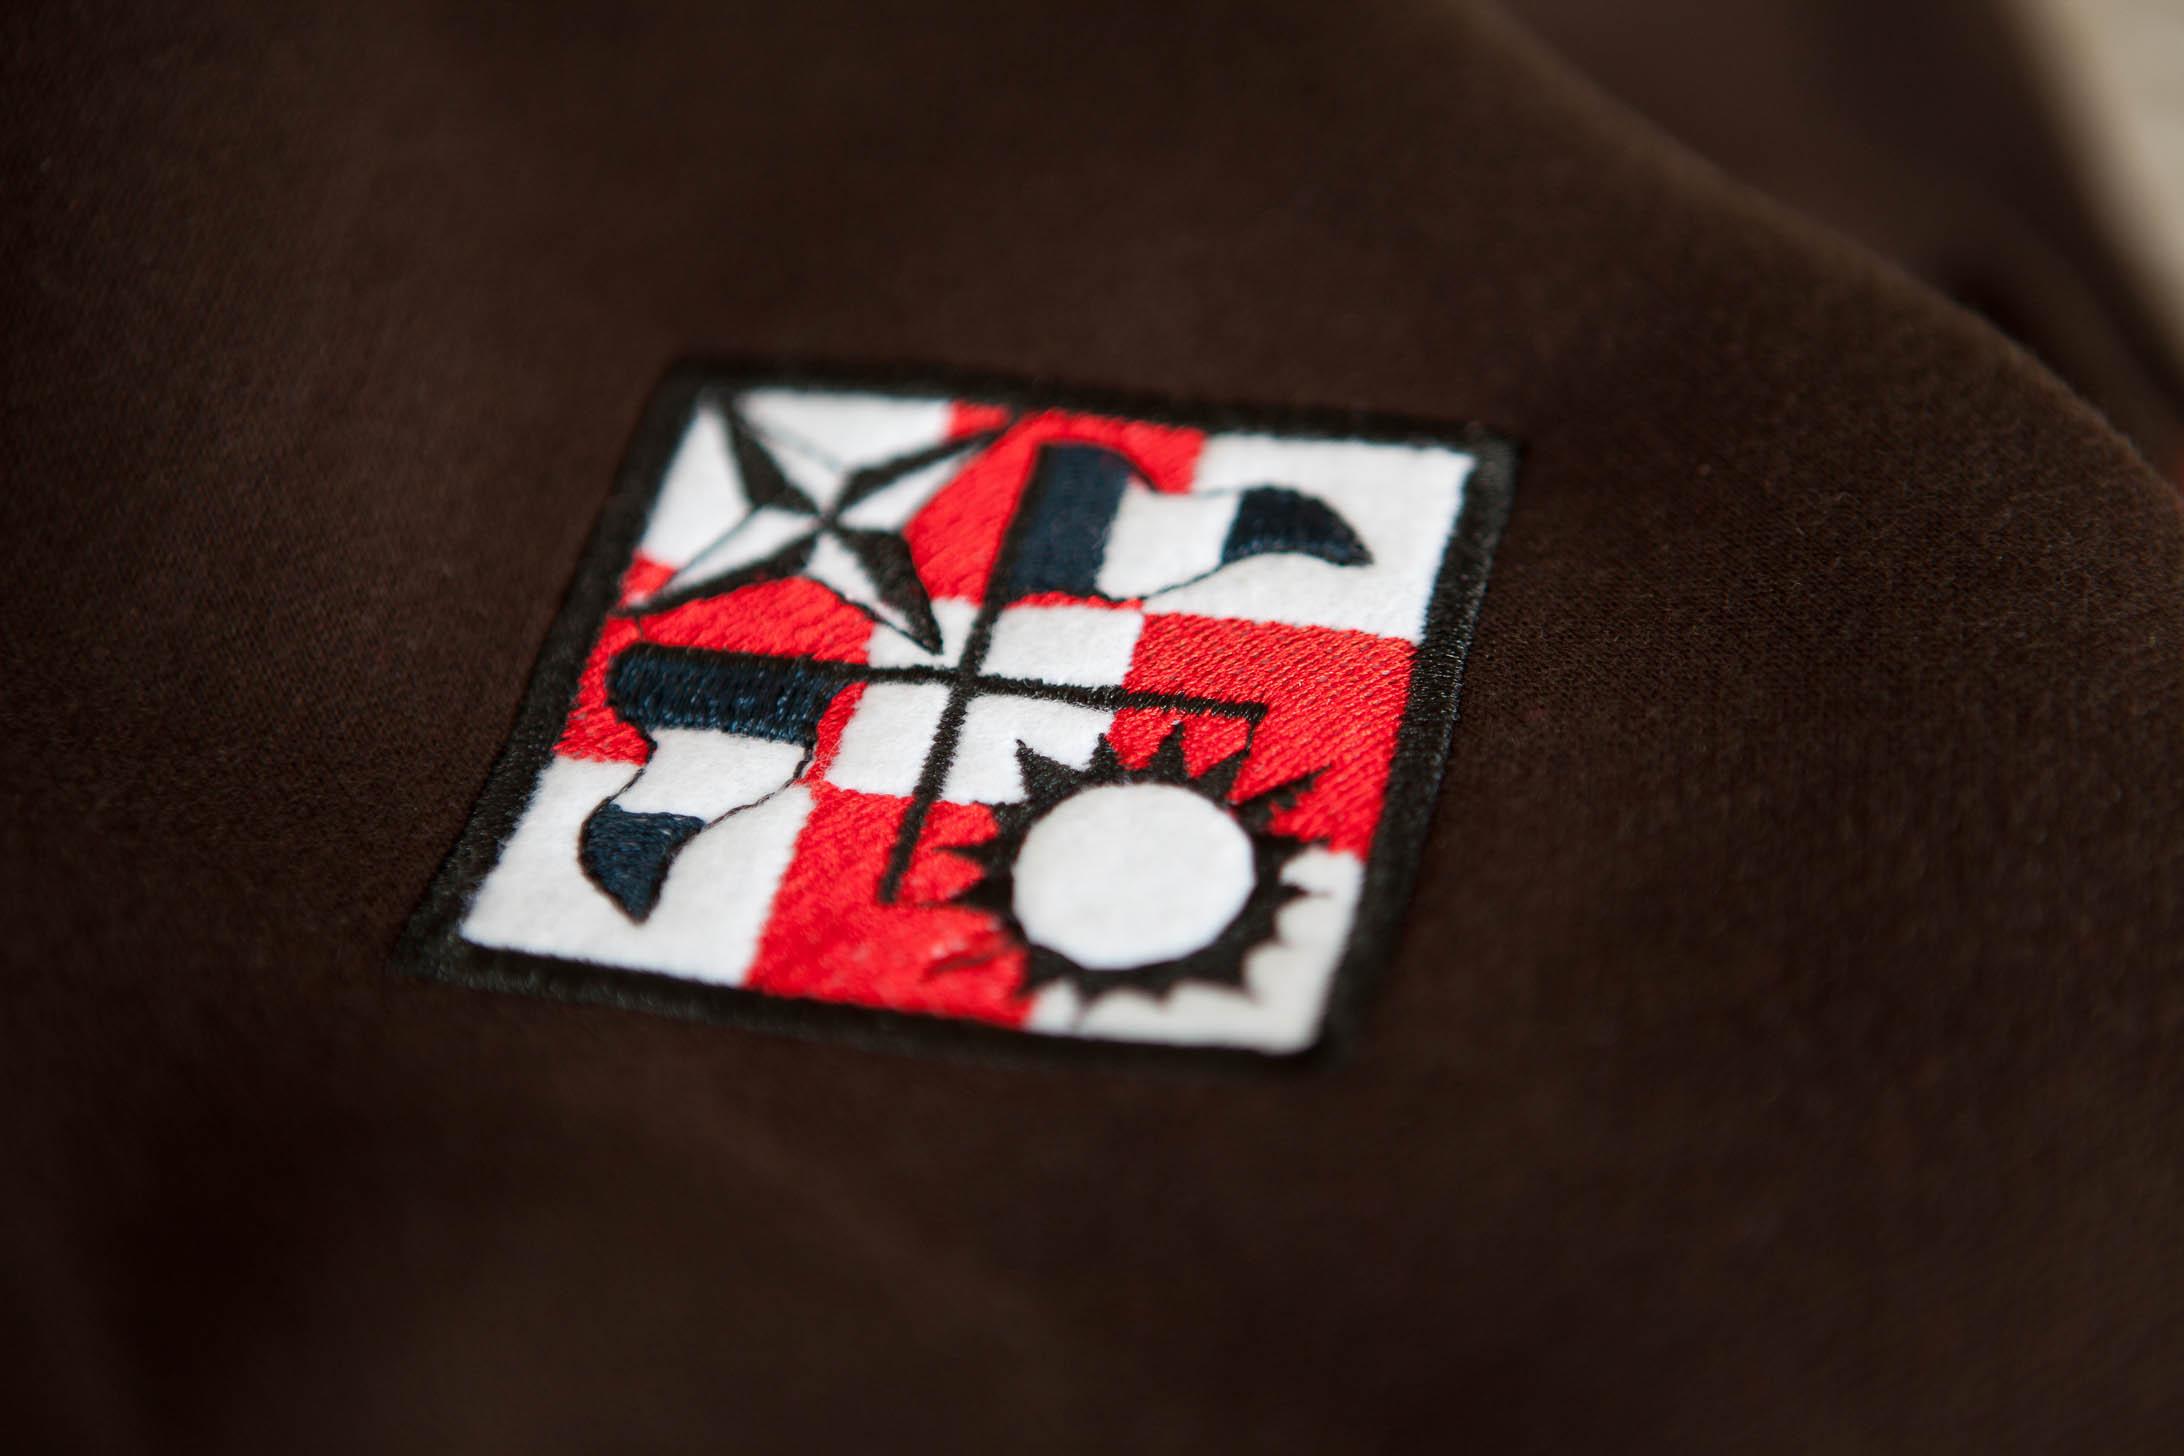 Ein Symbol aus Shenmue auf der Jacke. (Foto: InsertCoinClothing.com)